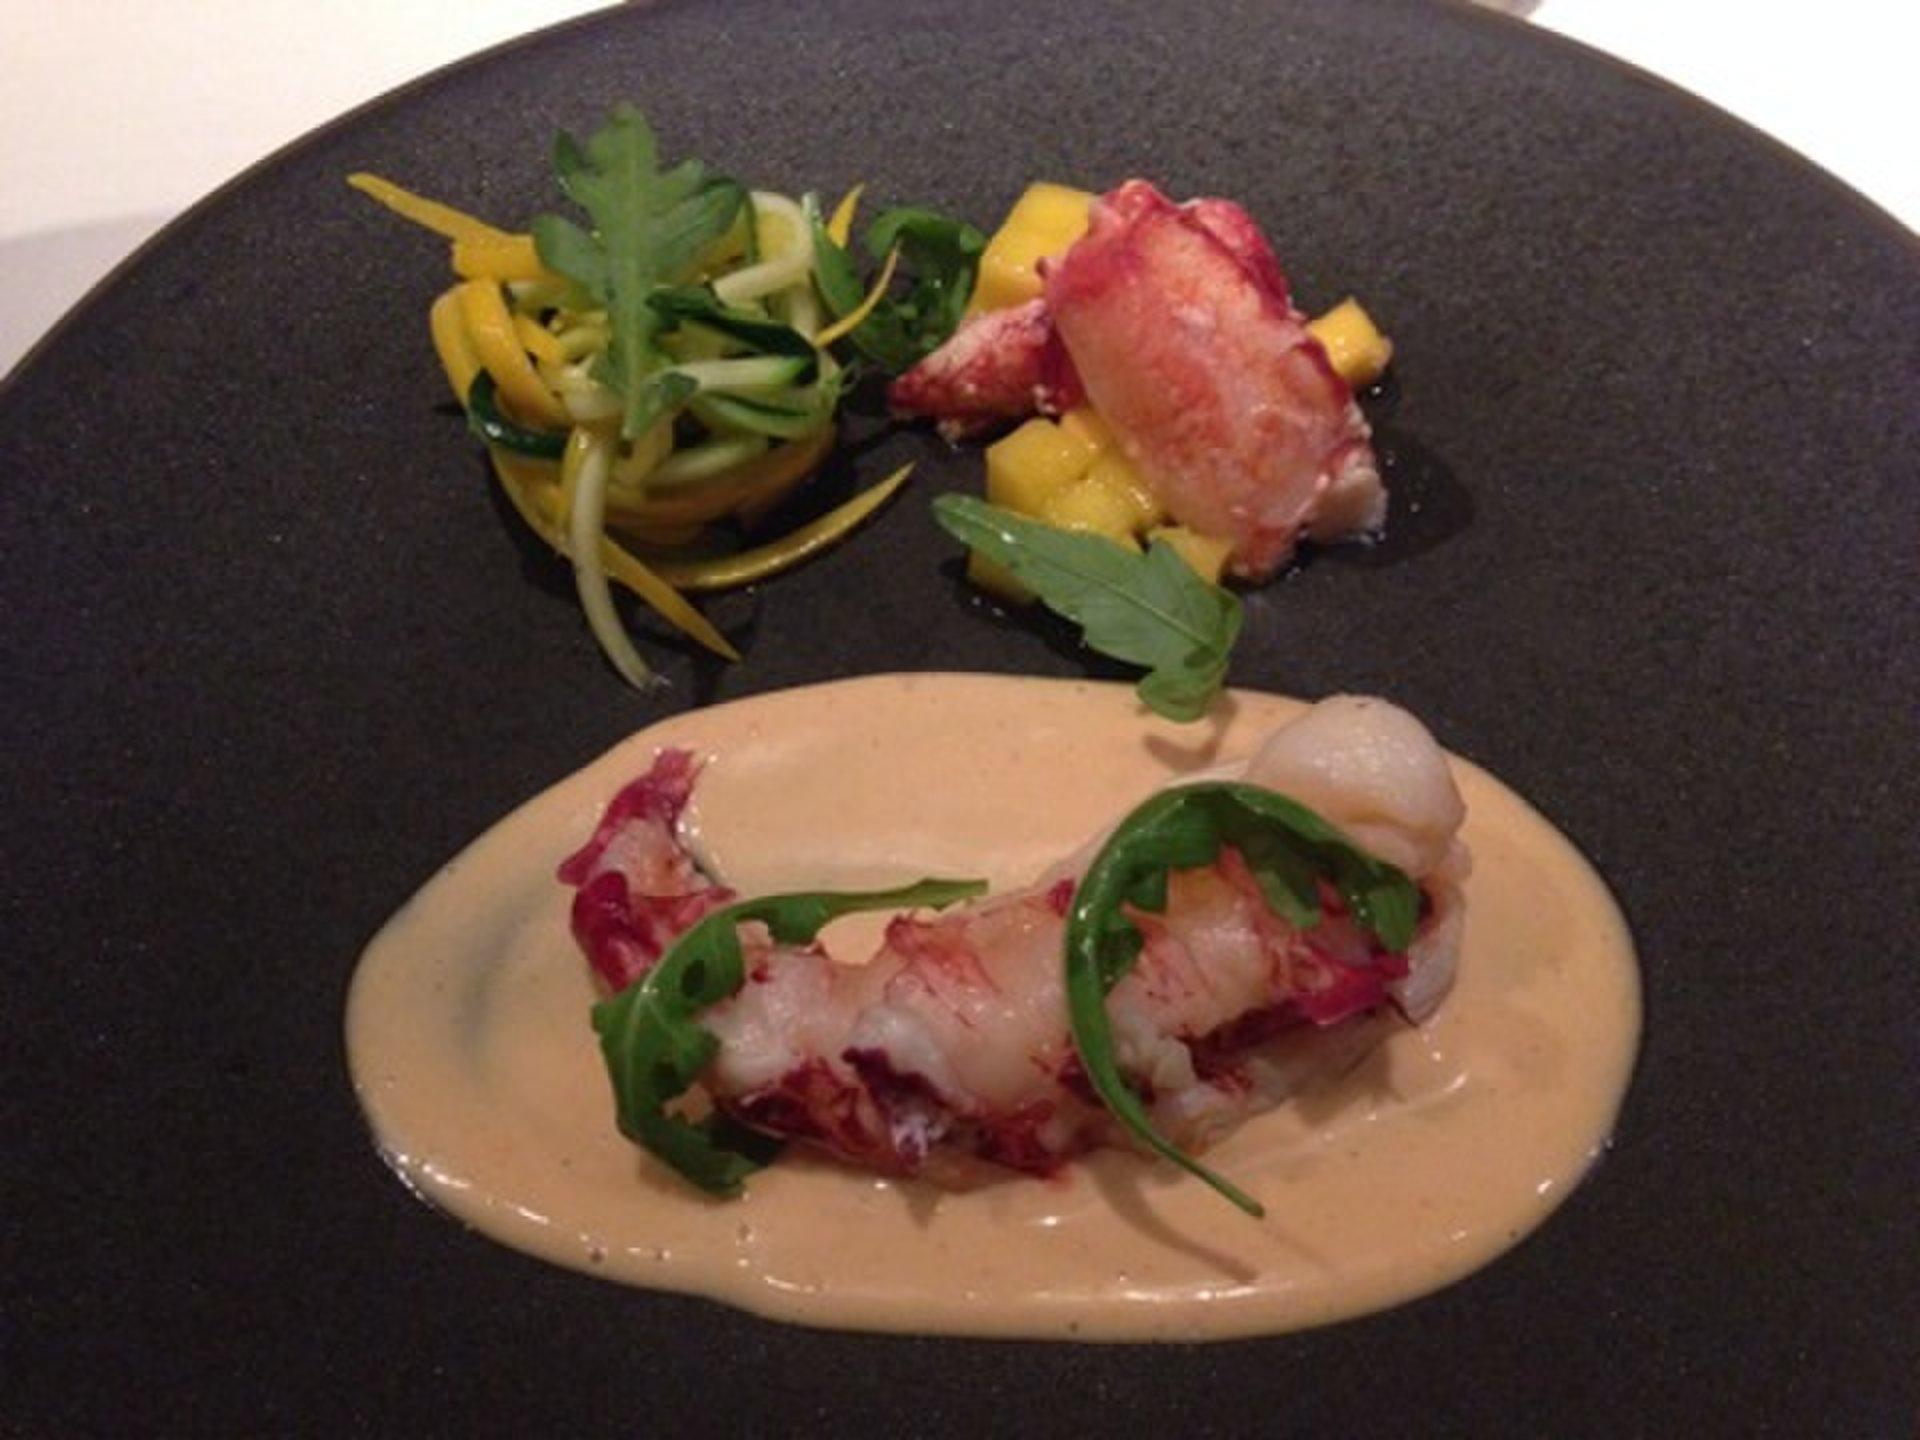 六本木のフレンチ料理「Rruzu(リューズ)」で感動ディナー!記念日デートにおすすめ